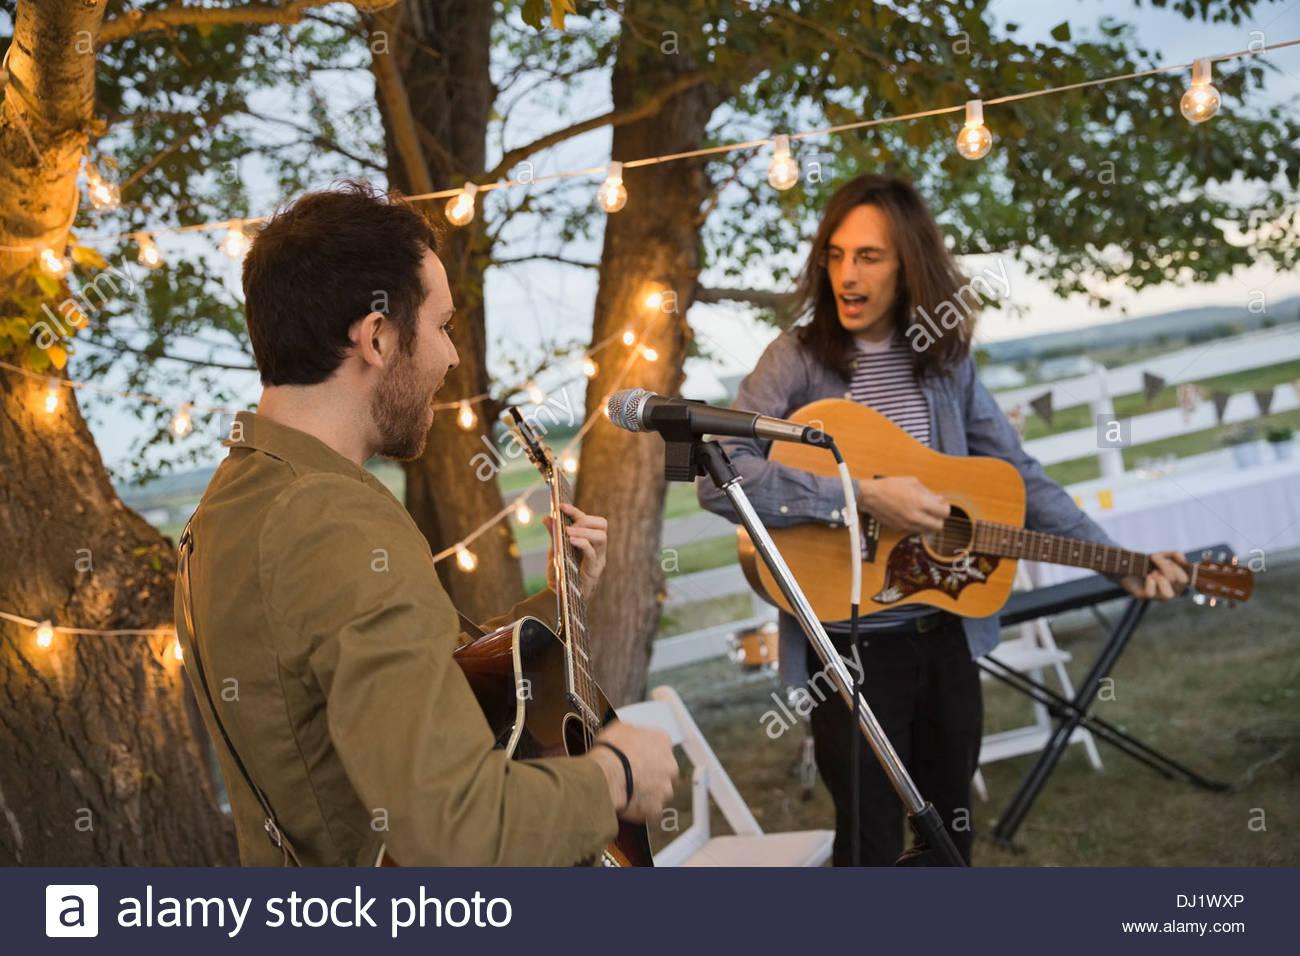 Männer singen während des Spielens Gitarren während der Party im freien Stockbild